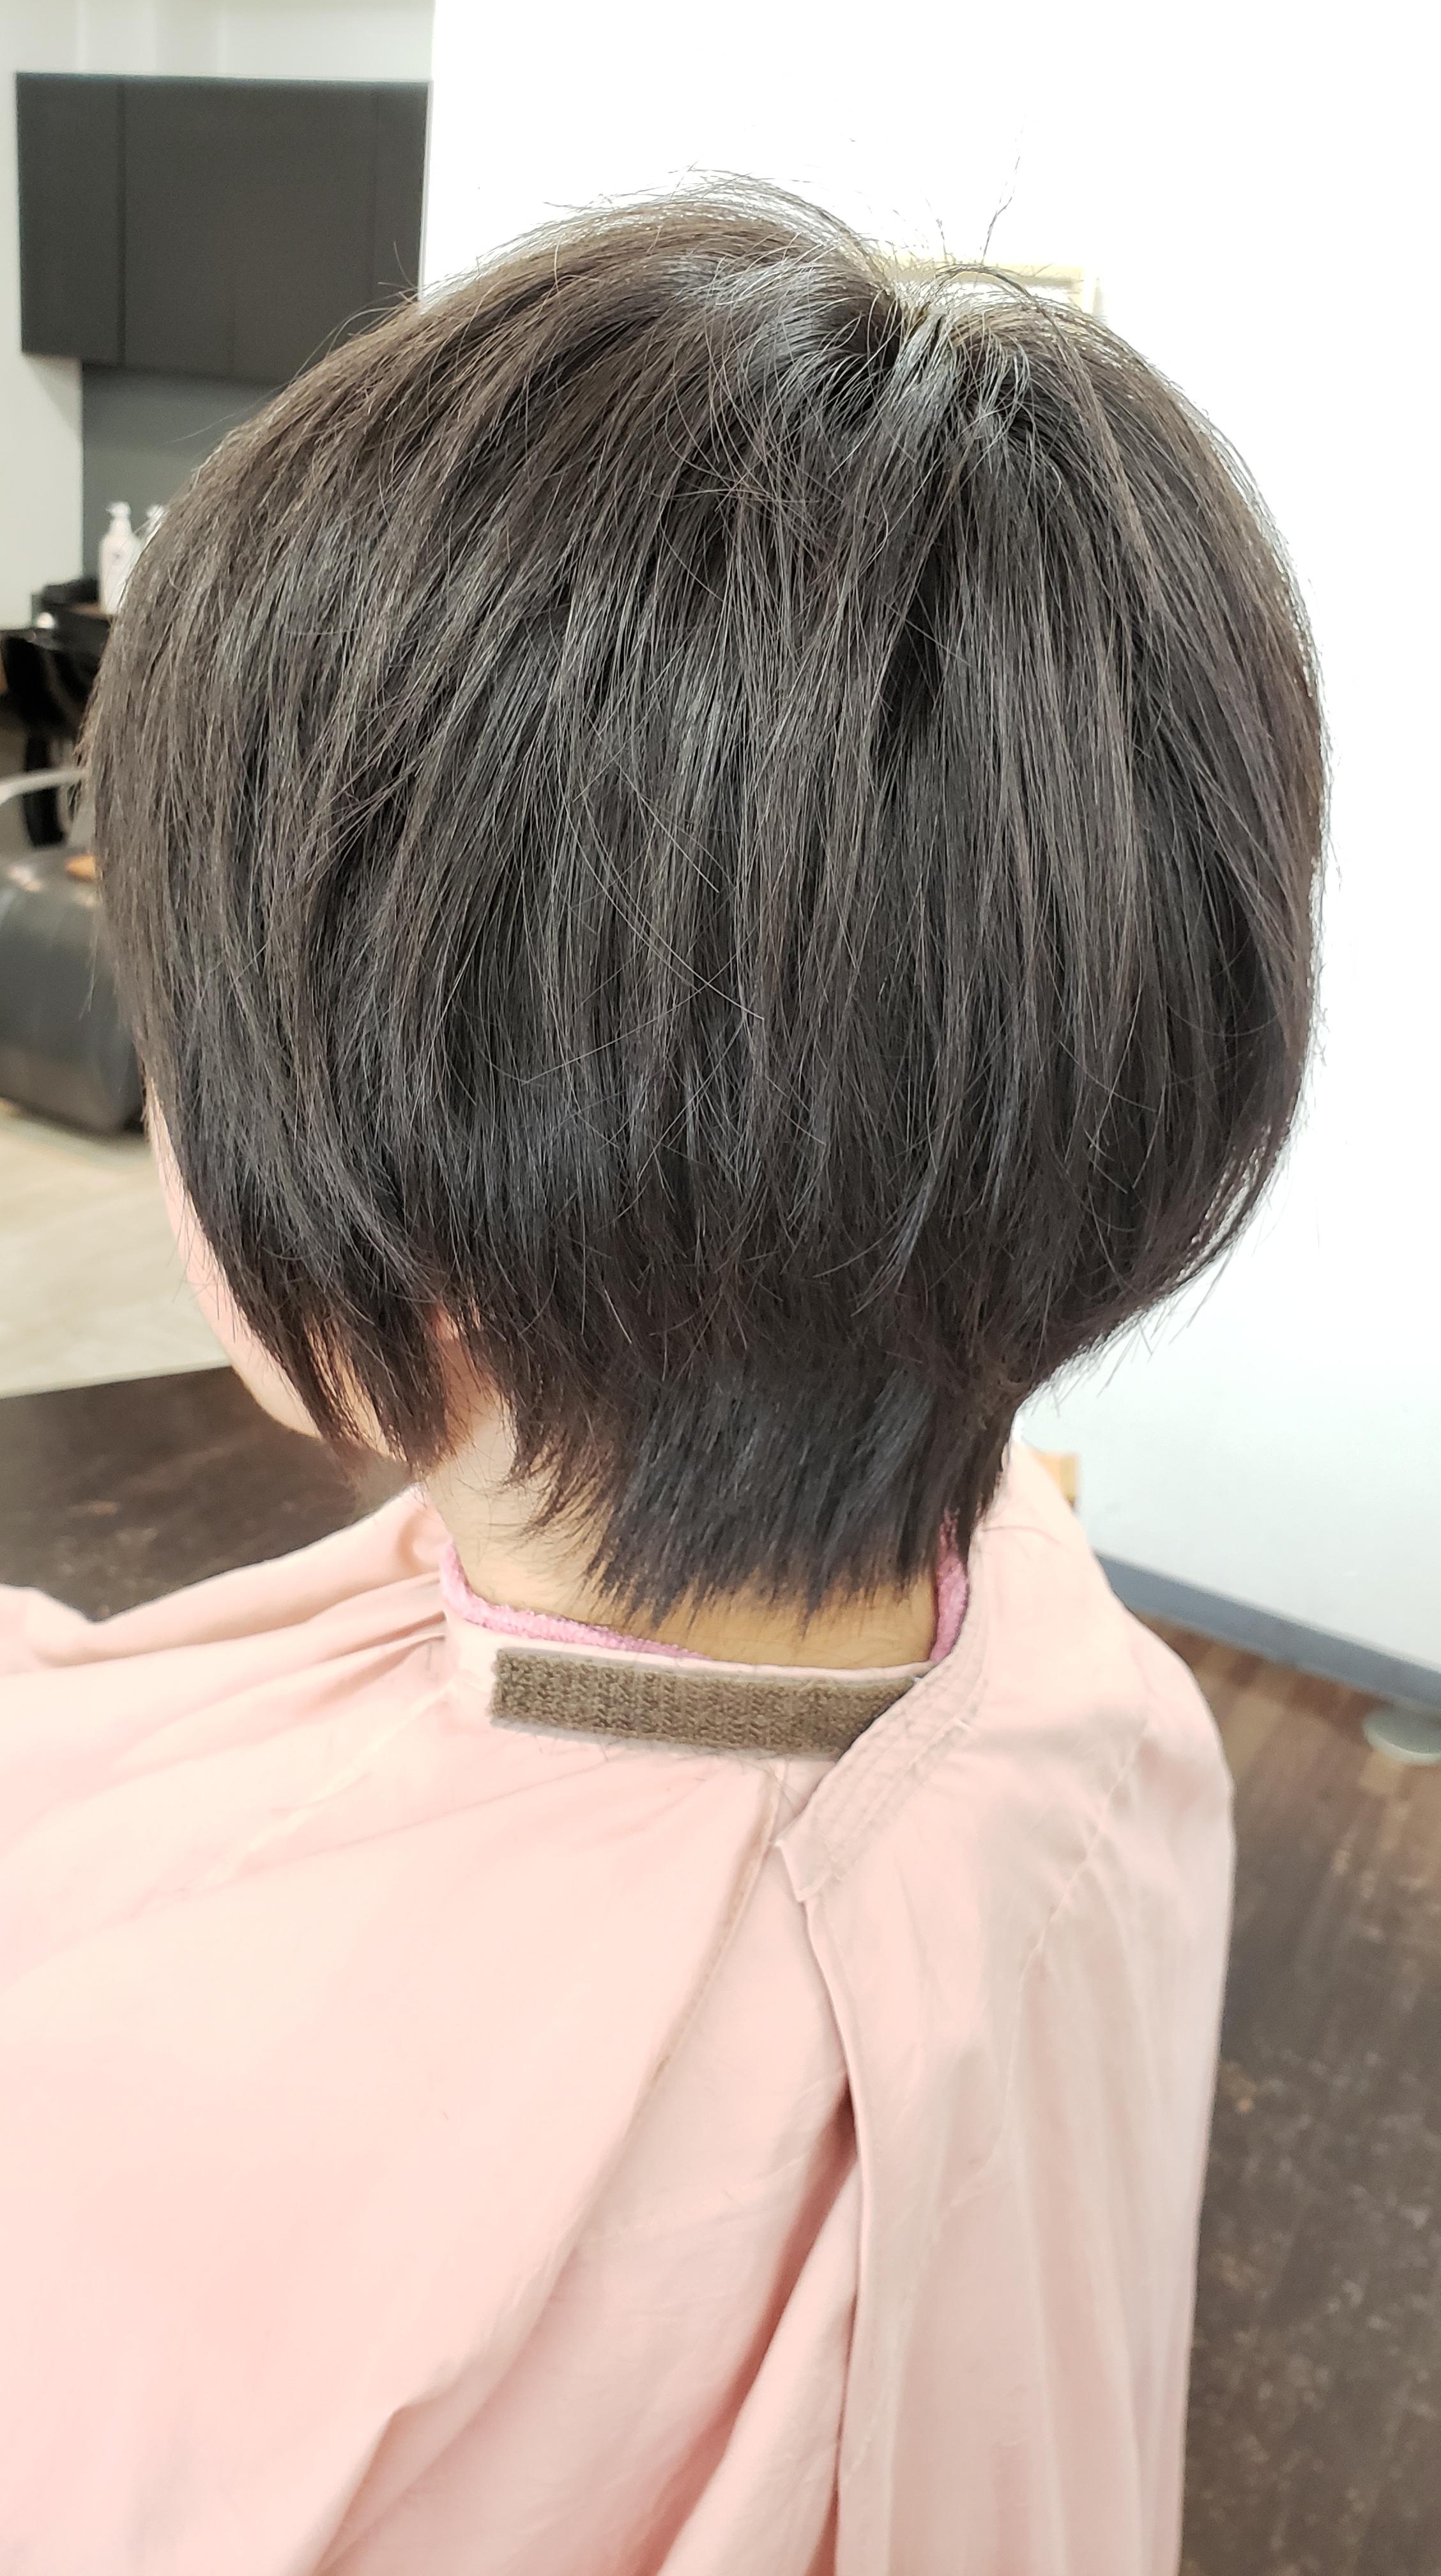 いらない毛を切って形をつくるから長持ちキュビズムカット